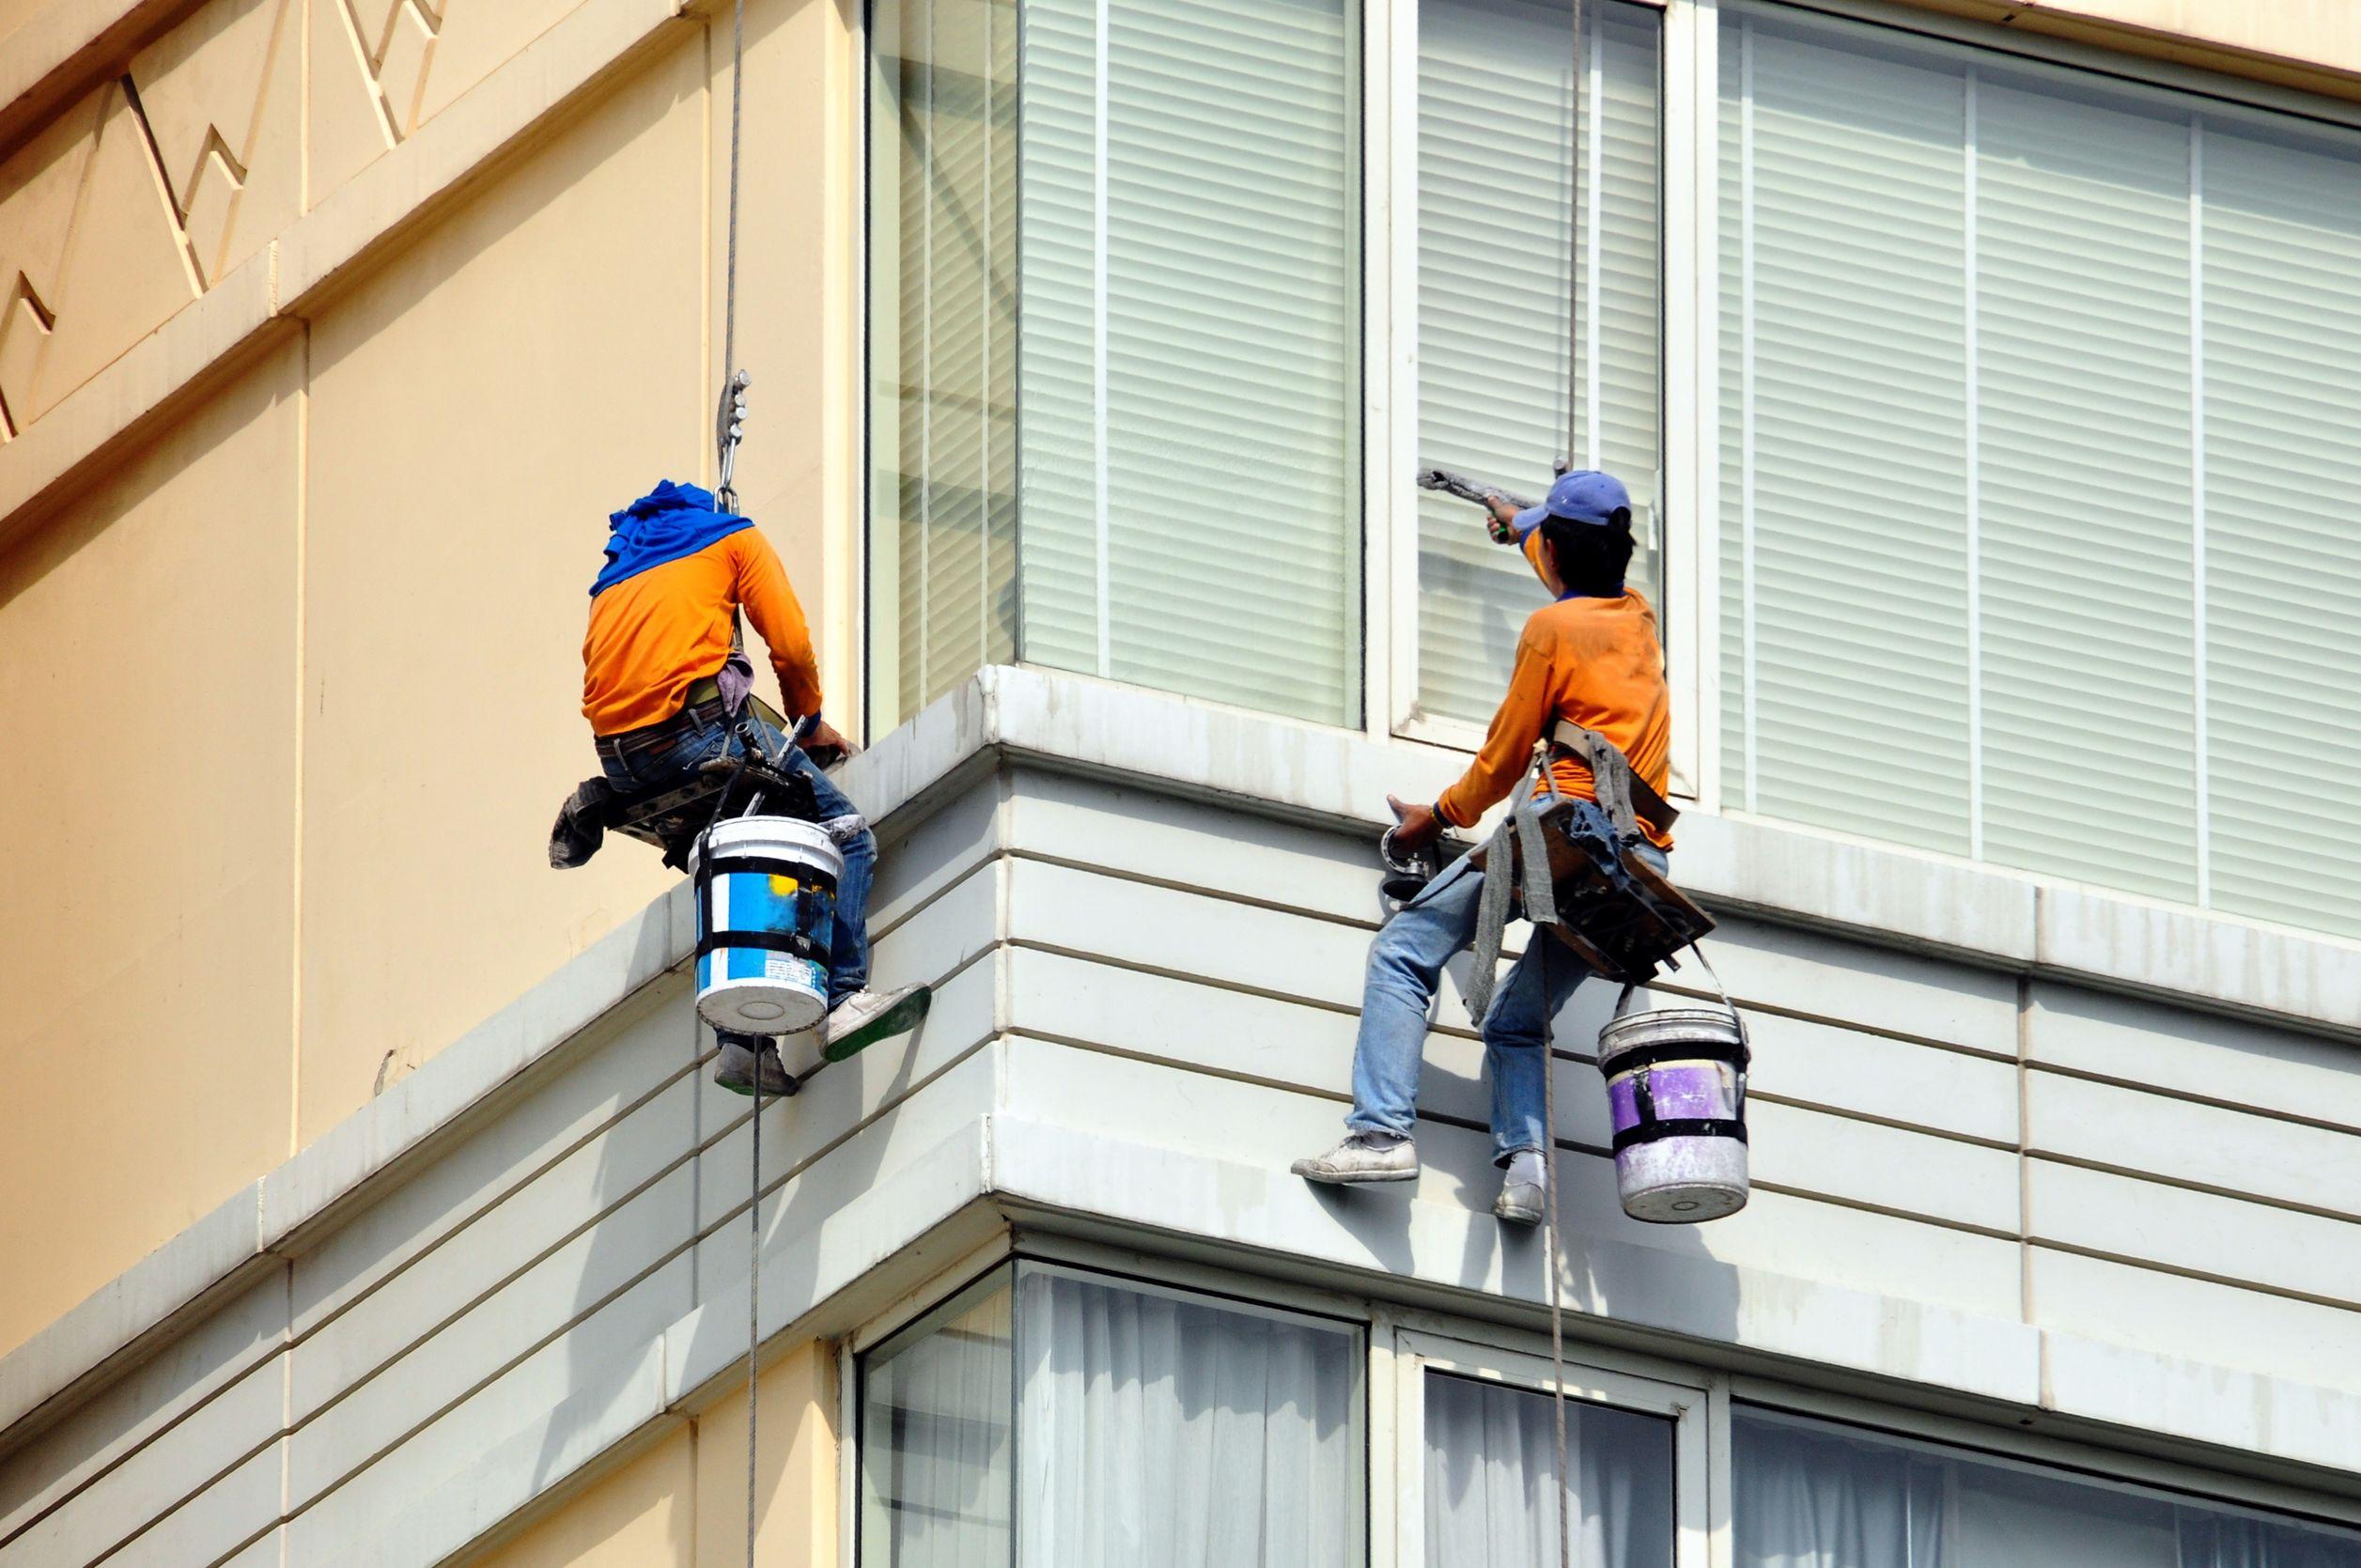 """Úklid po malování, stavebních úpravách, mytí a čištění oken i ve výškách s firmou """"Výškové čištění fasád Brno"""""""